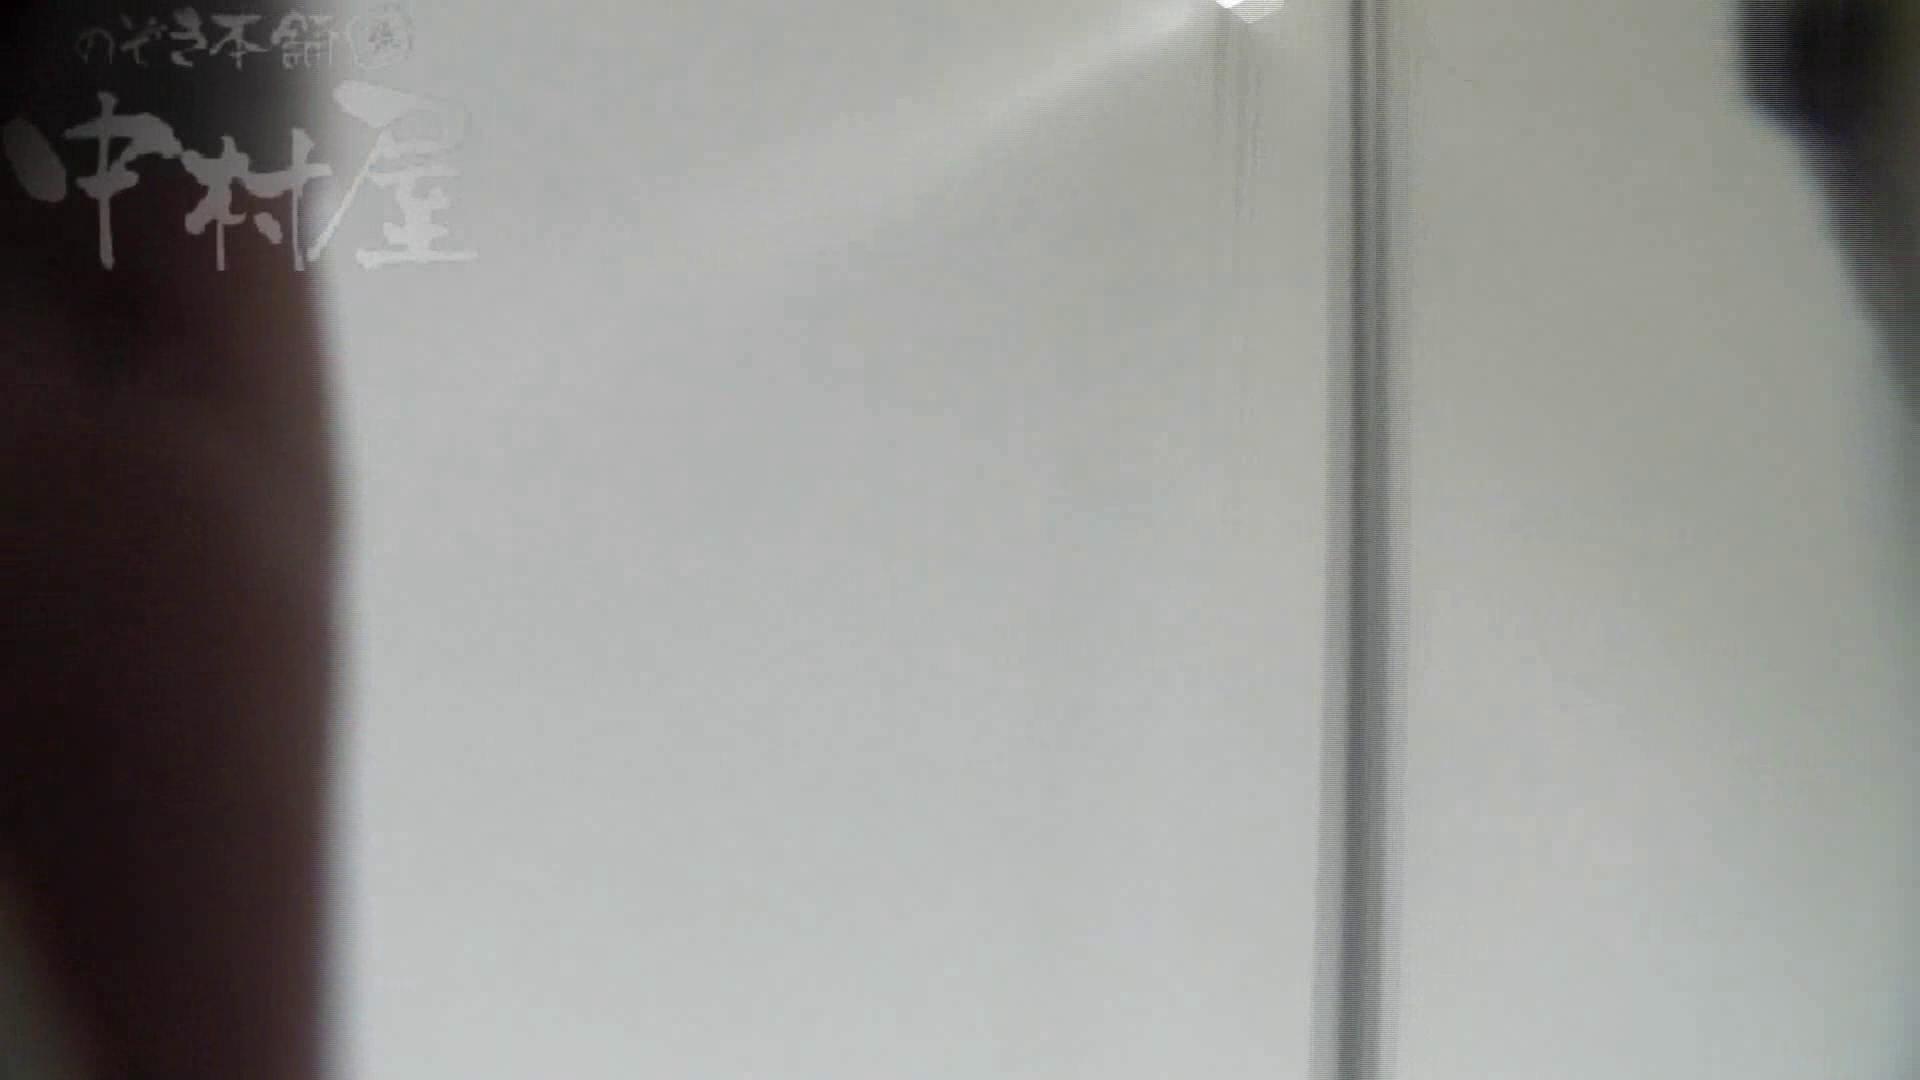 美しい日本の未来 No.35 最長時間更新更に強者登場 放尿   乙女エロ画像  91PICs 19